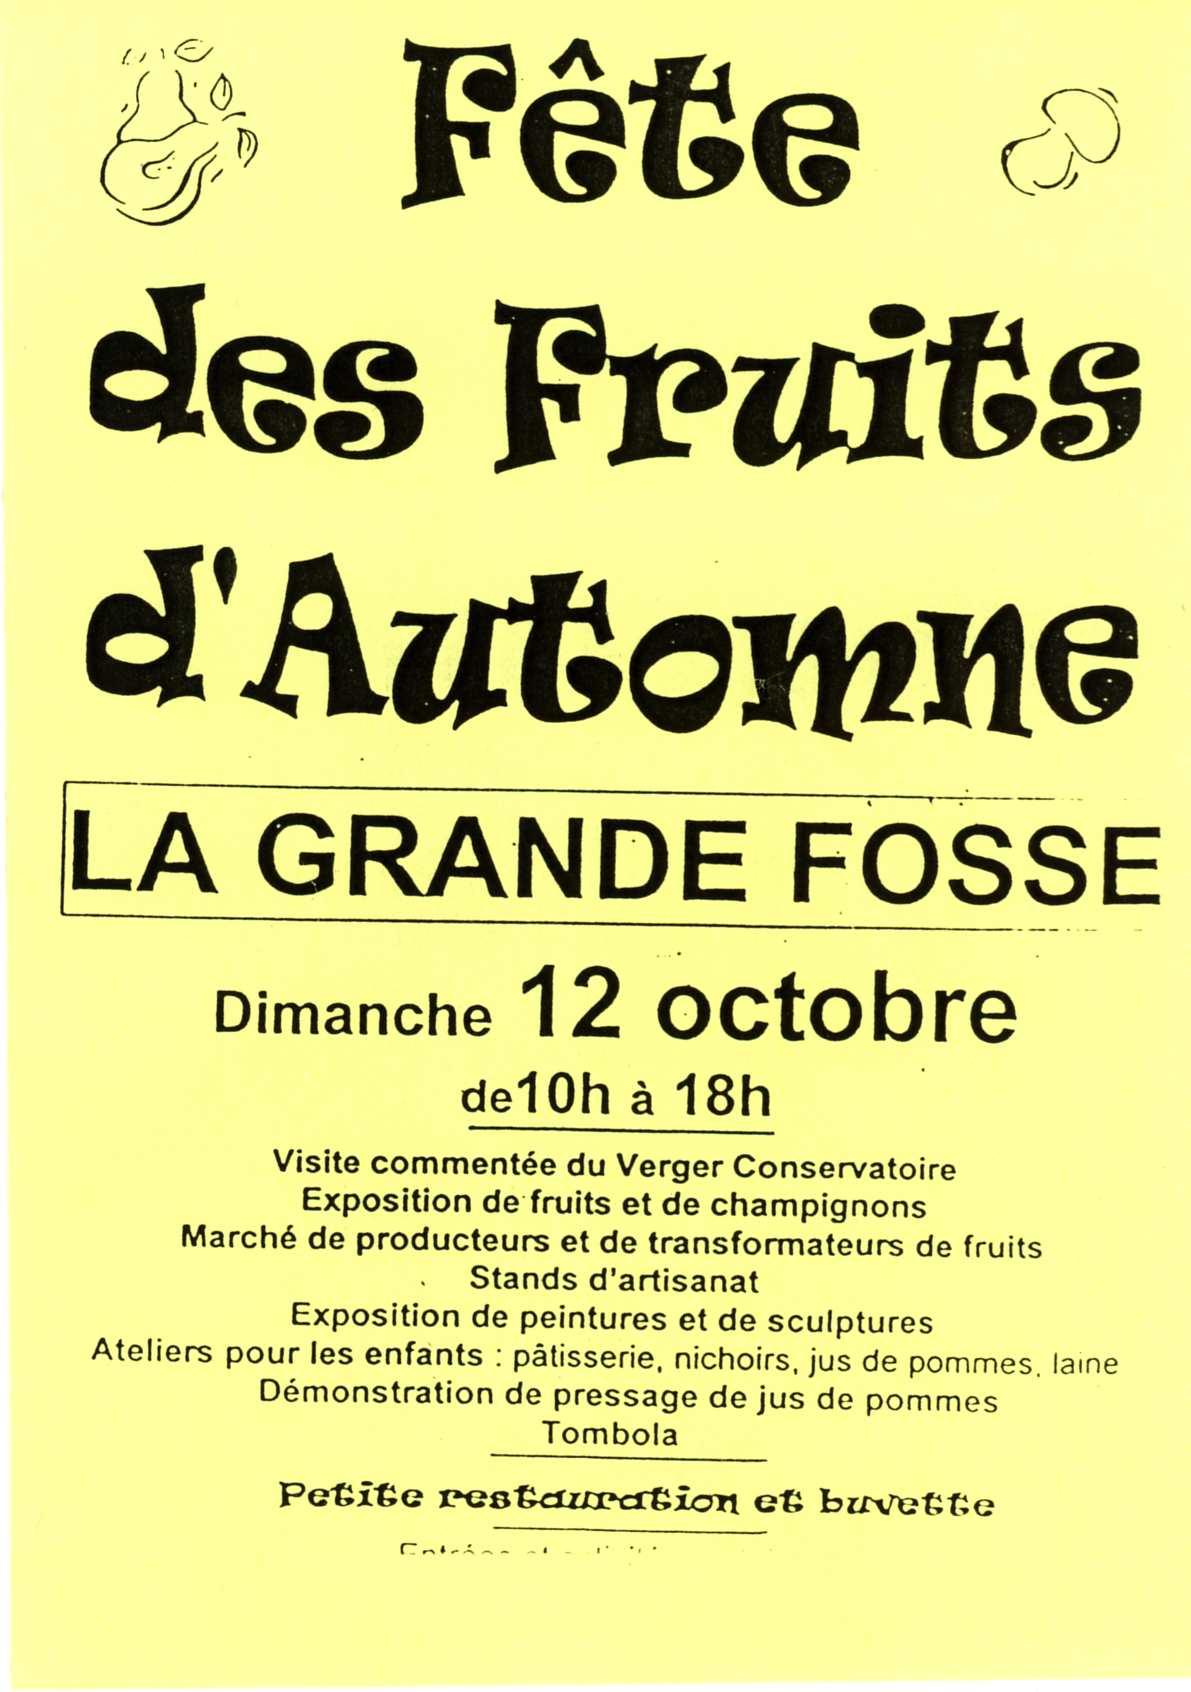 Fête des fruits d'automne